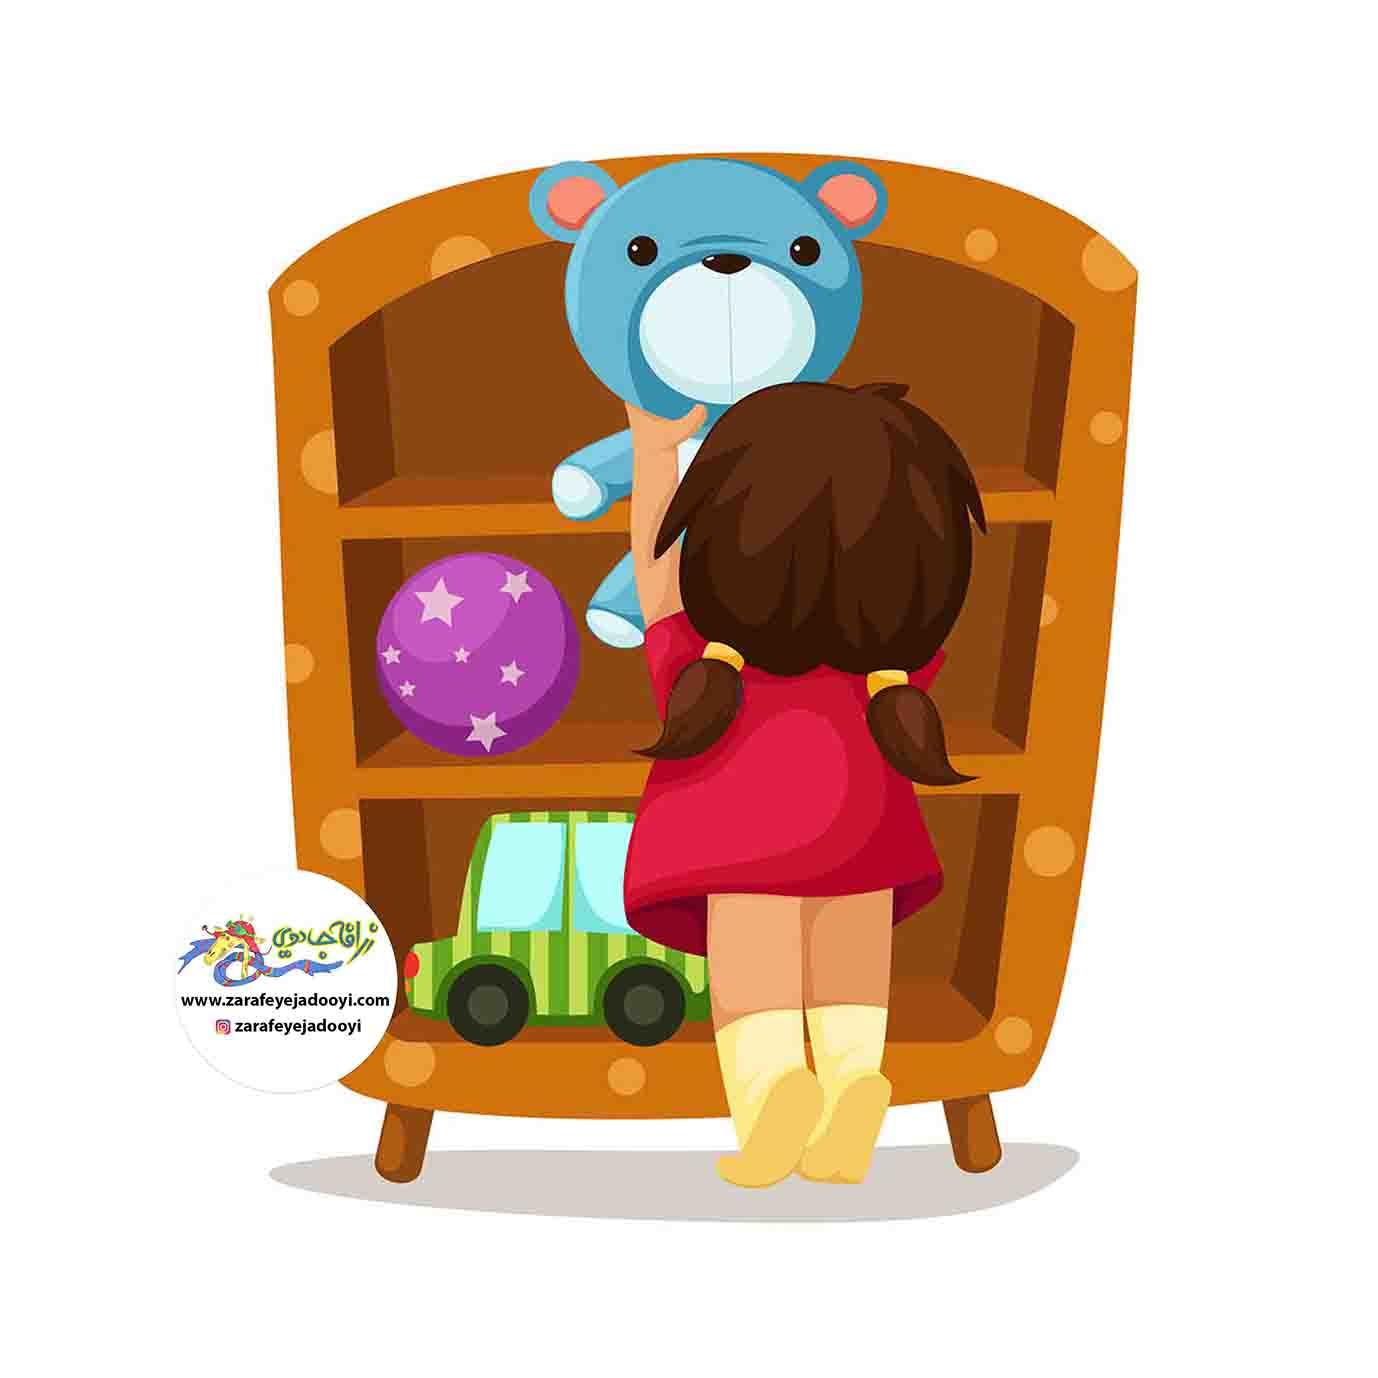 زرافه جادویی - تزیین اتاق کودک